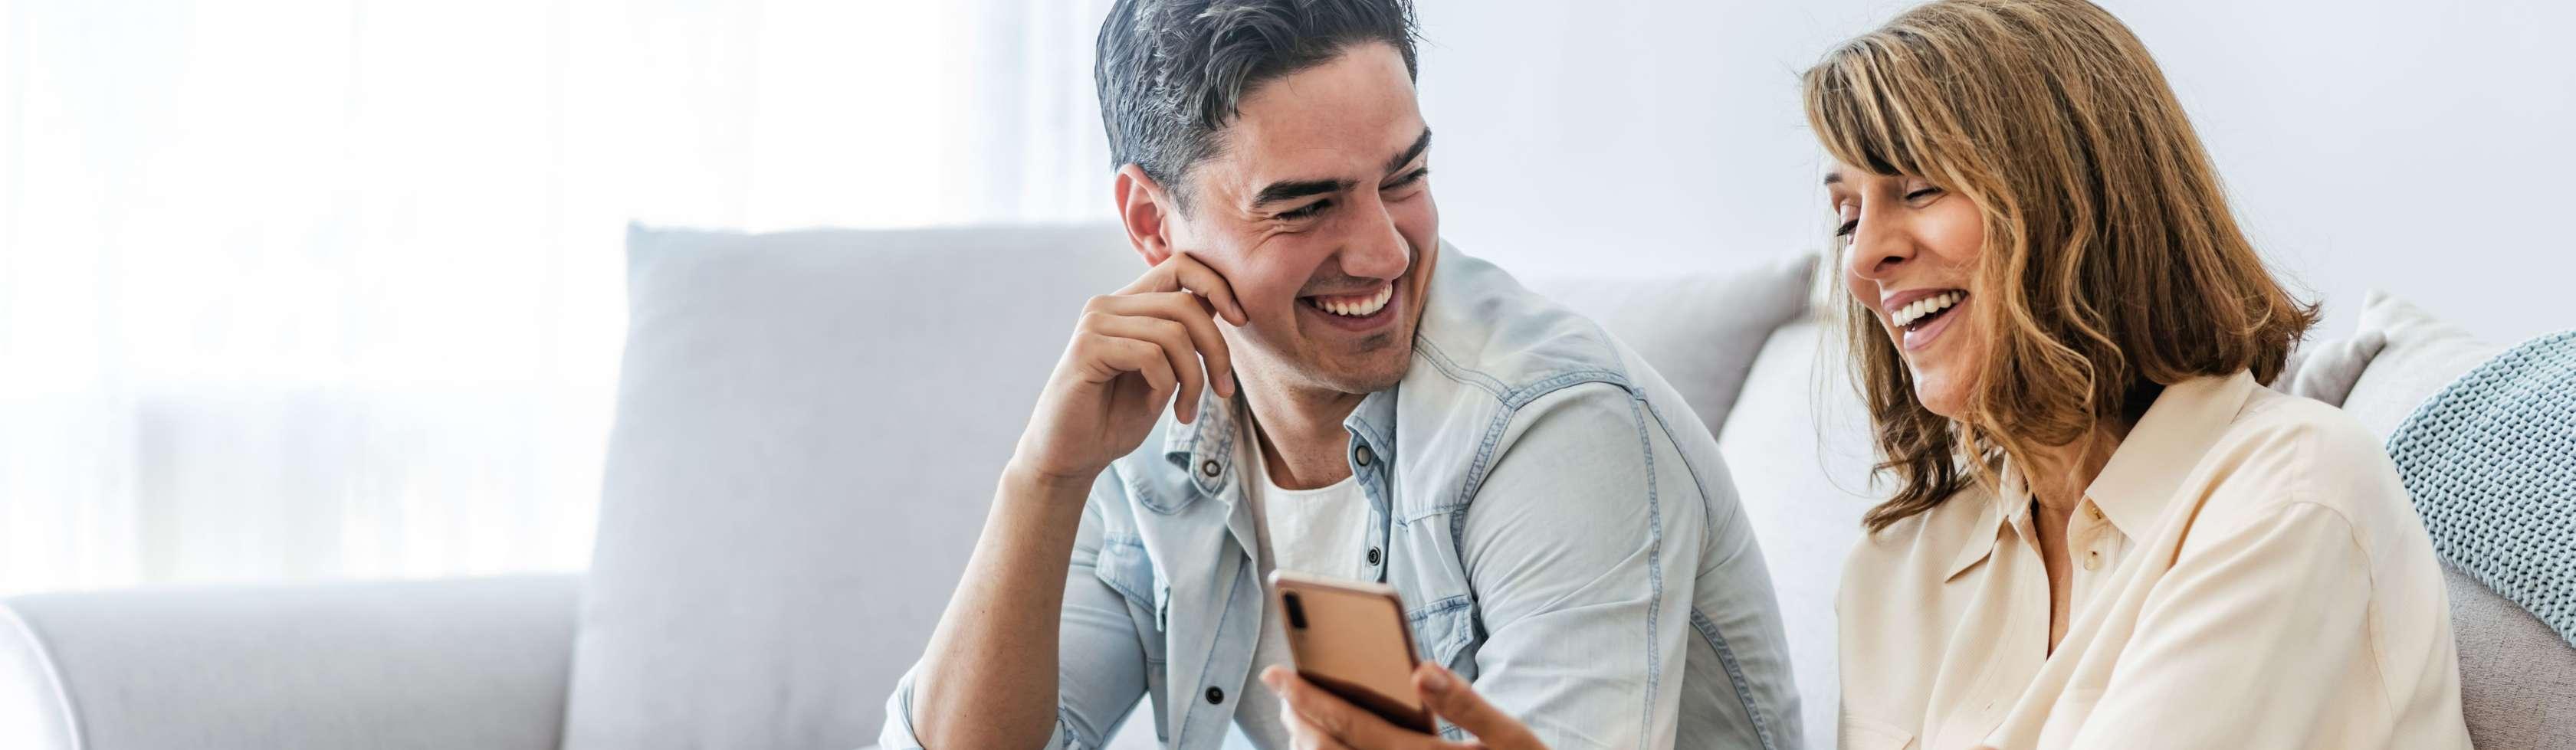 Ein Pärchen sitzt gemeinsam auf ihrem Sofa im Wohnzimmer. Während der Mann seine Partnerin anlächelt, blickt die Frau lächeld in ein Smartphone.